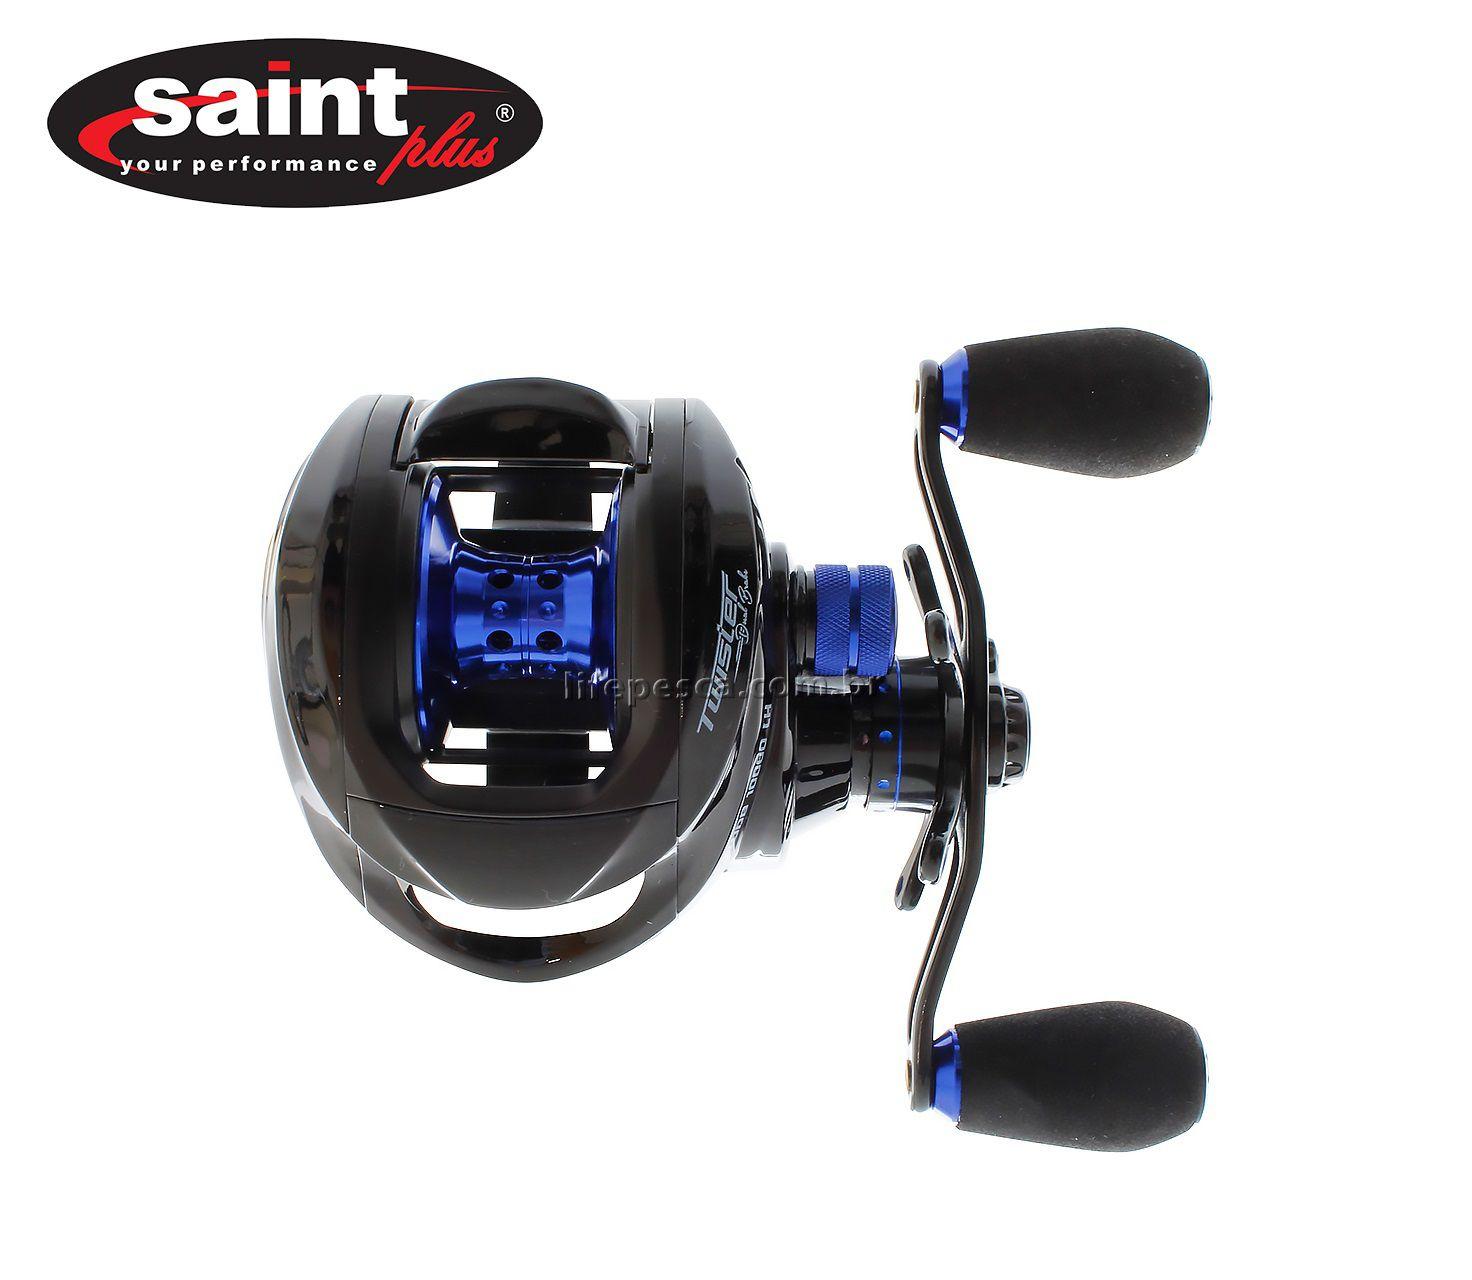 Carretilha Perfil Baixo Saint Twister Dual Brake 10000 - 10 Rolamentos  - Life Pesca - Sua loja de Pesca, Camping e Lazer